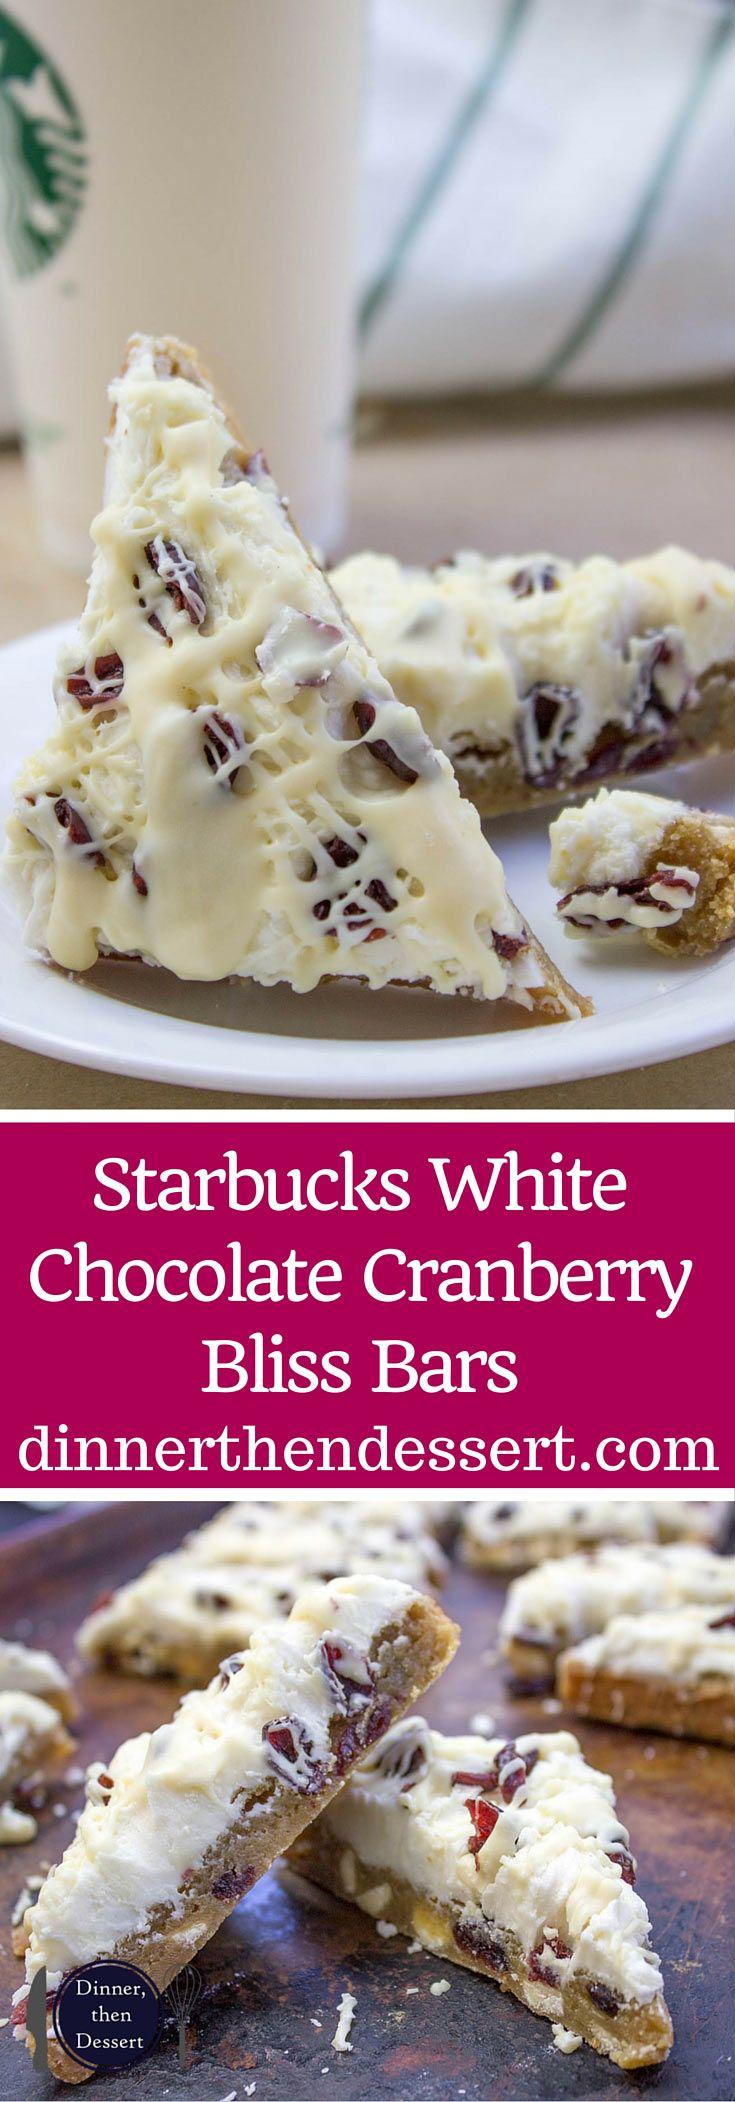 Starbucks White Chocolate Cranberry Bliss Bars